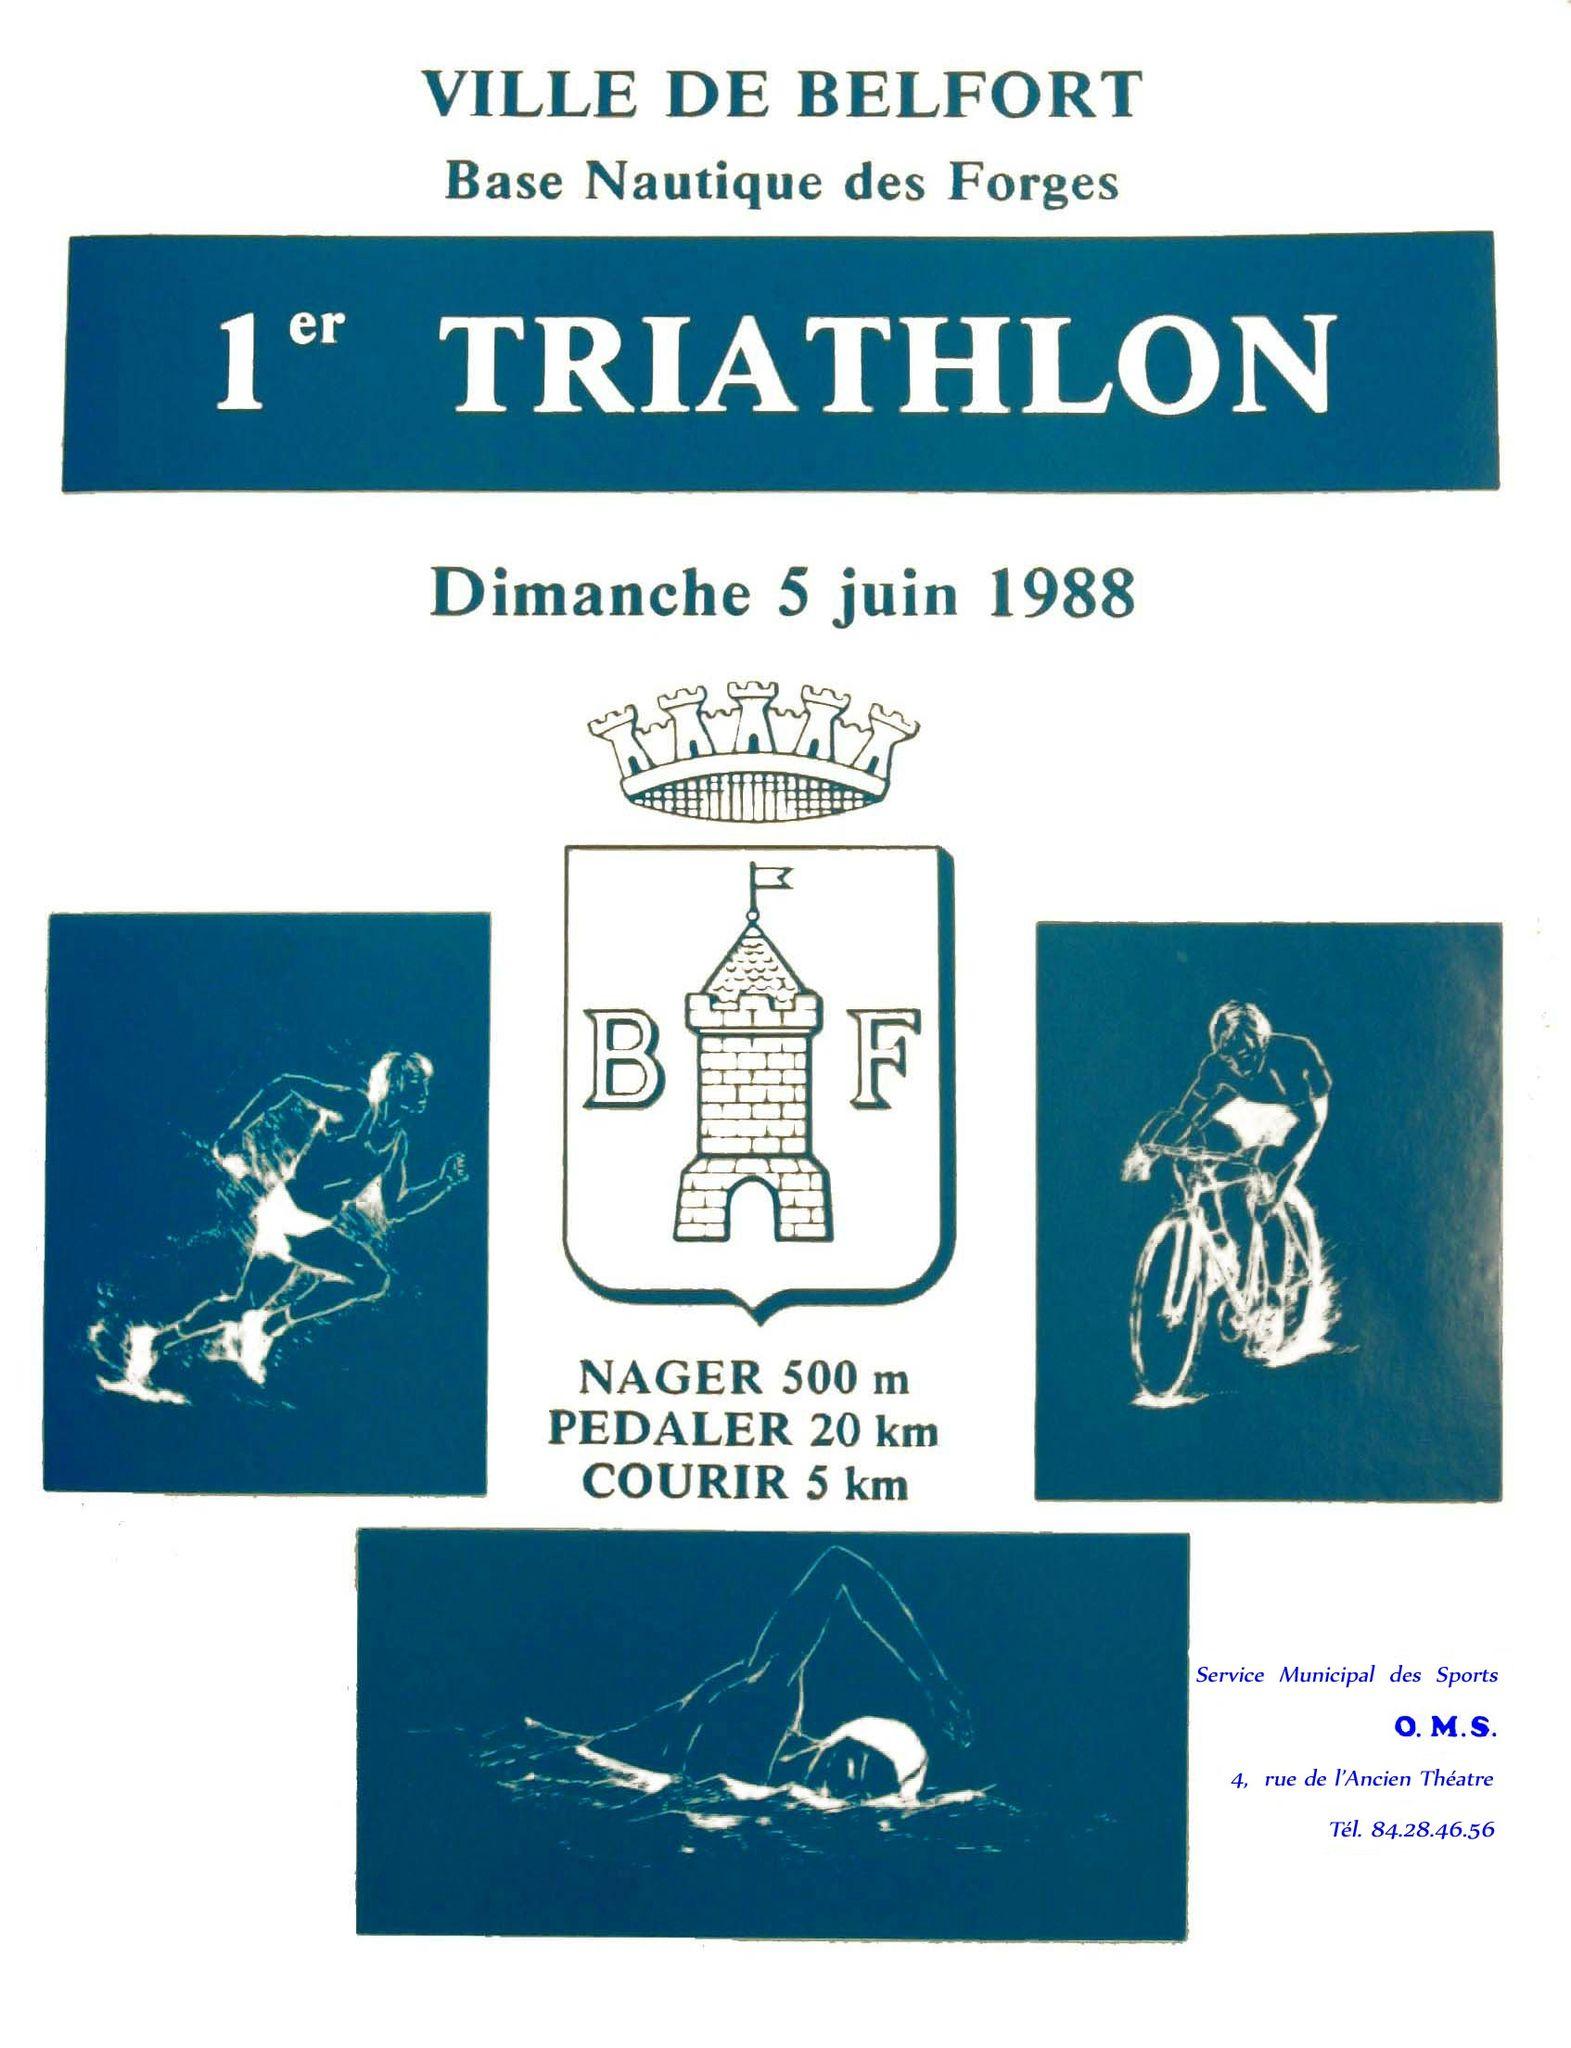 Triathlon à Belfort, le premier en 1988